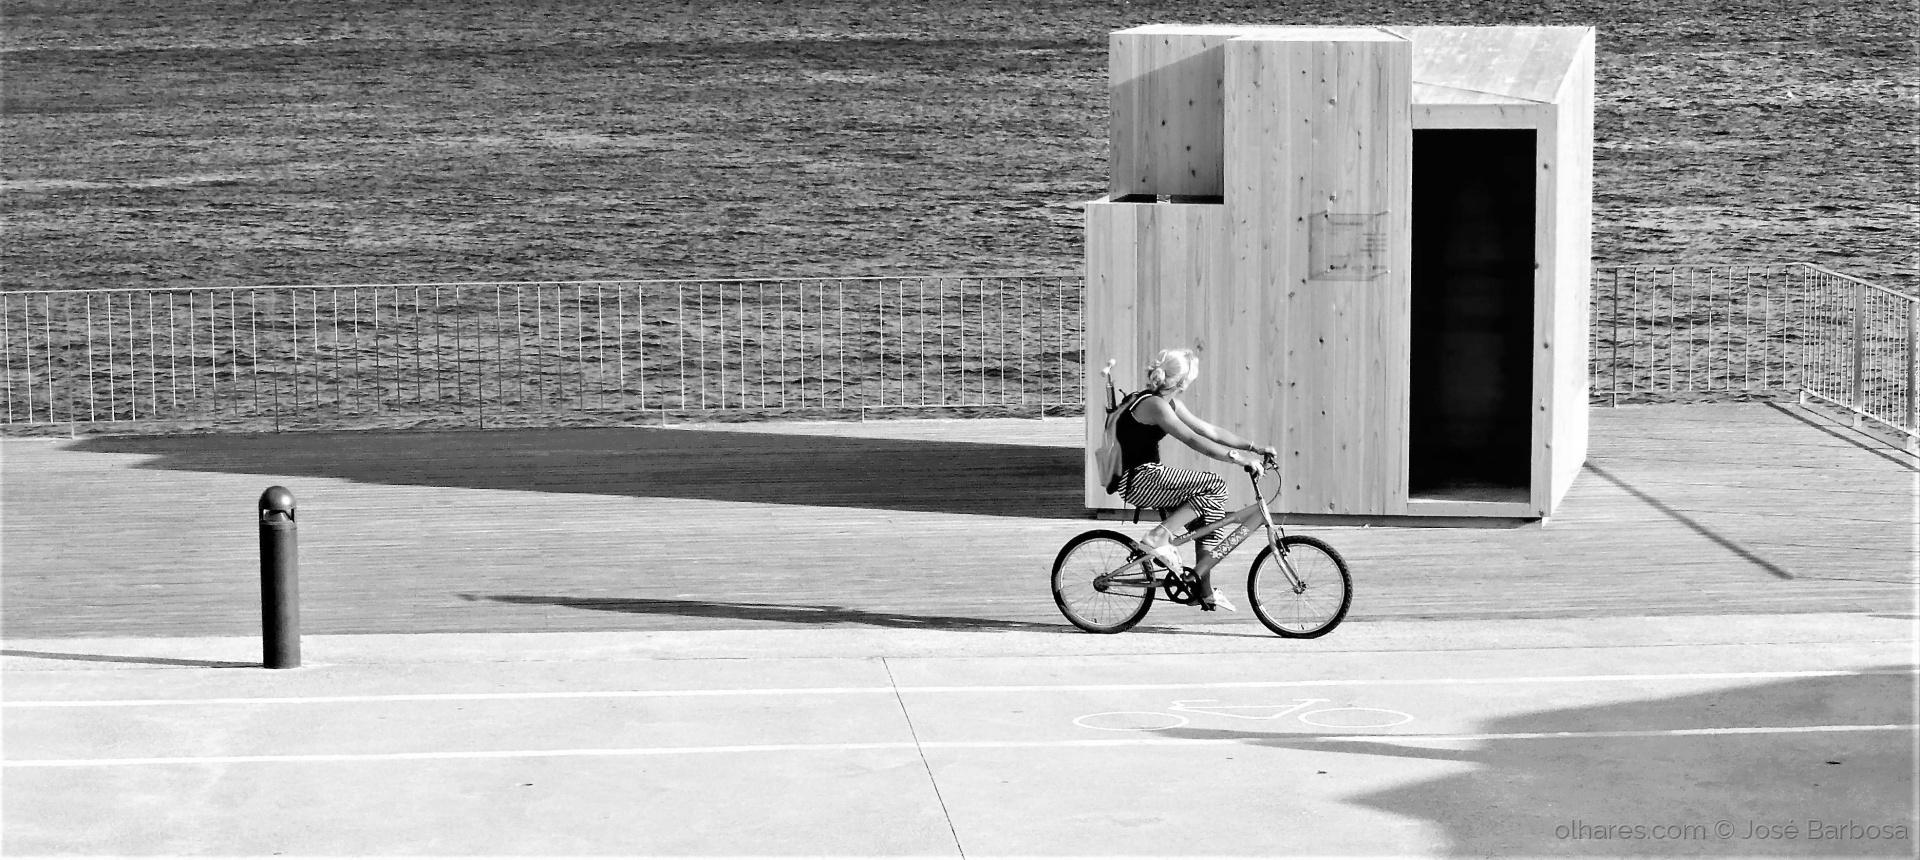 Desporto e Ação/Riding ALONE .